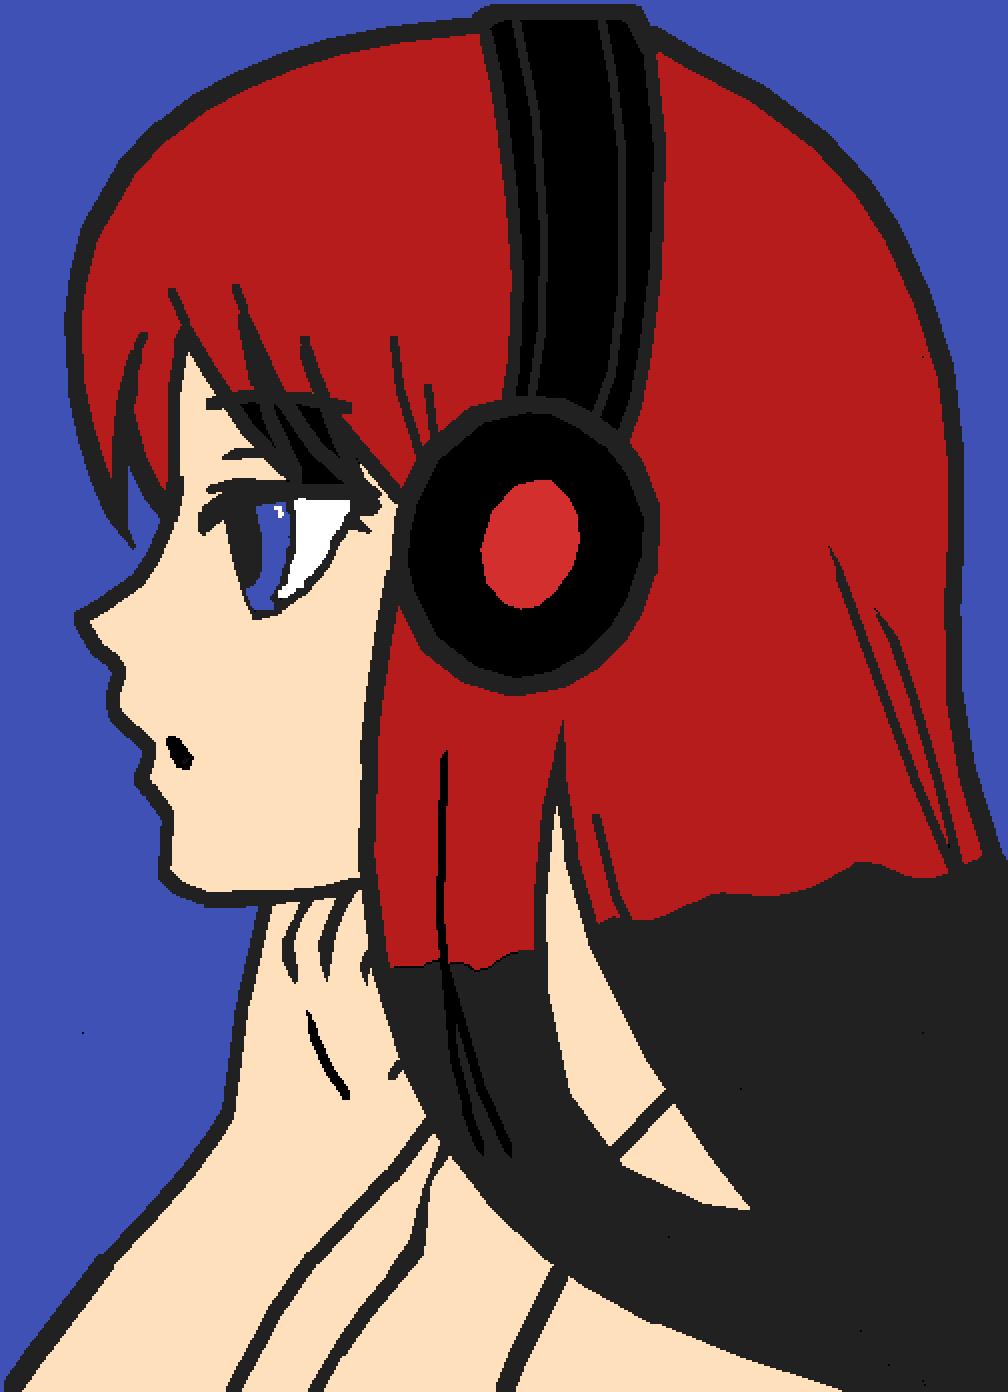 sad girl by Mermorgan